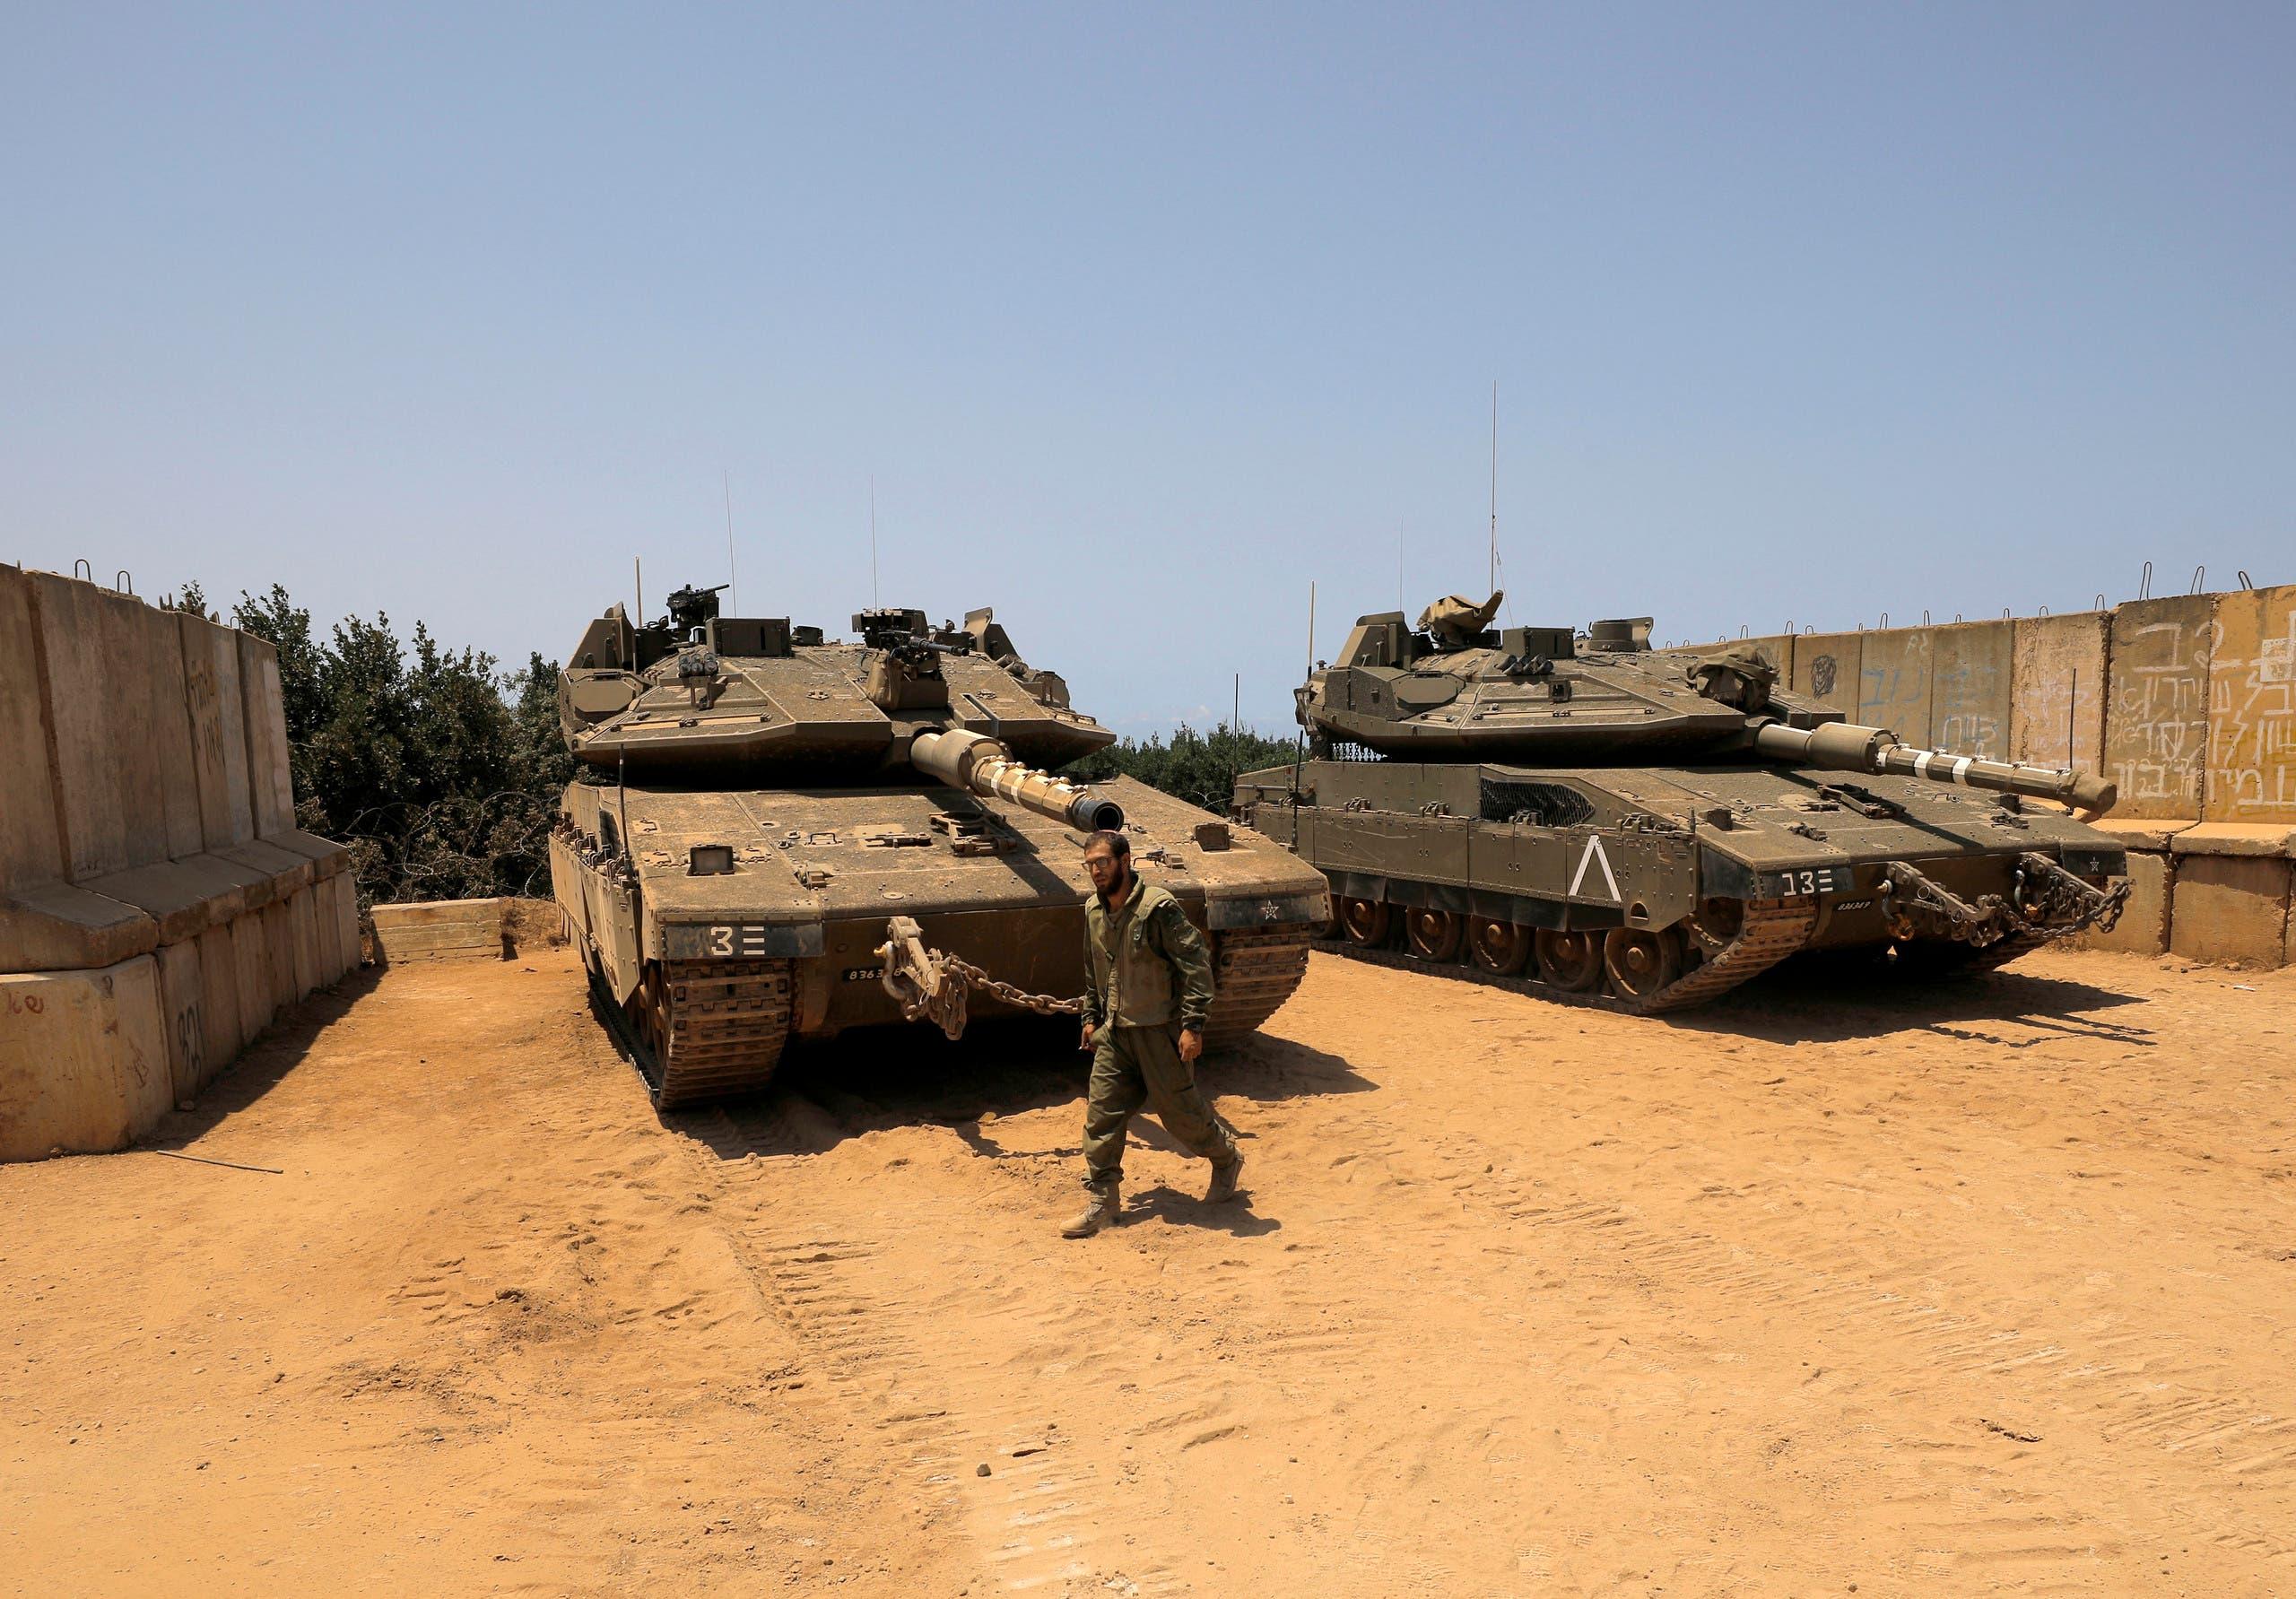 توپخانه اسرائیل در مرز لبنان پس از سقوط موشک در 20 ژوئیه در شمال اسرائیل